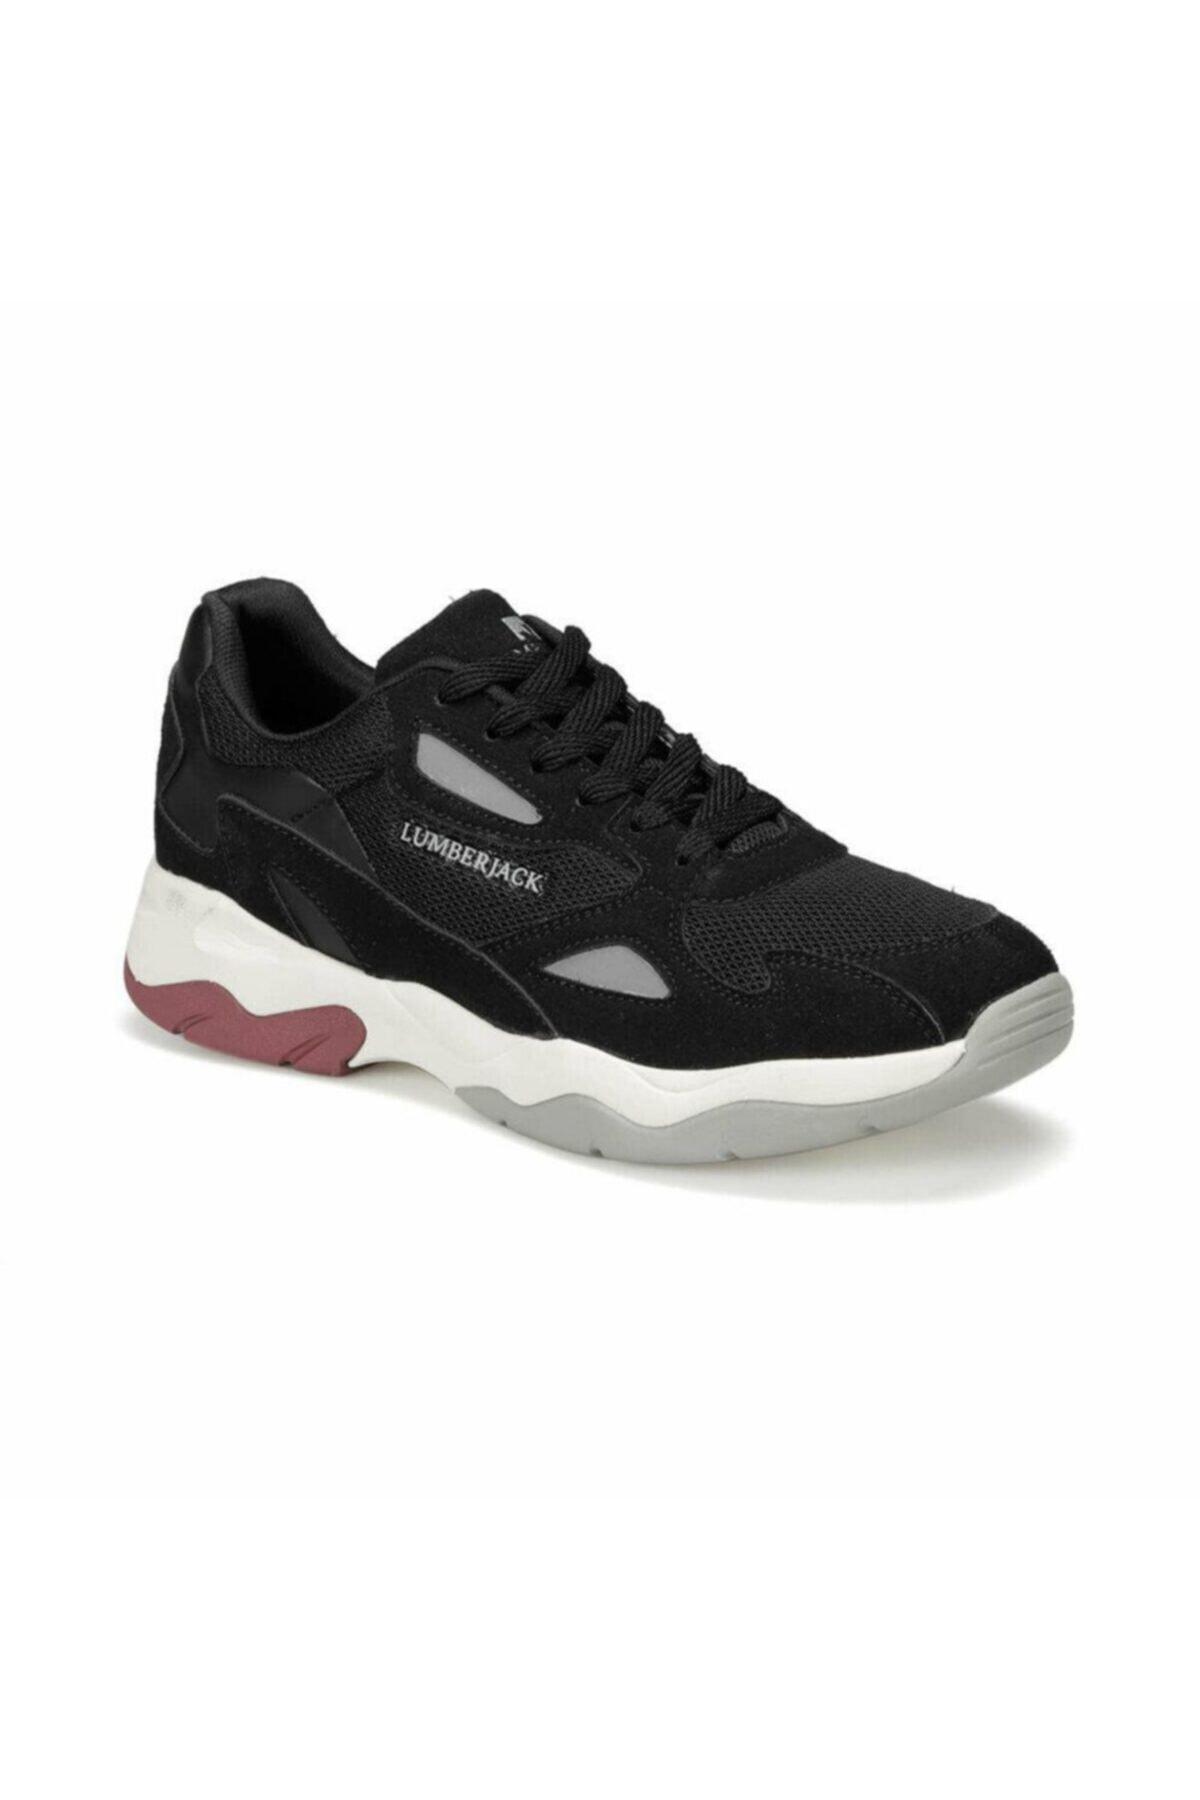 lumberjack Grace Siyah Kadın Günlük Koşu Spor Ayakkabı 1